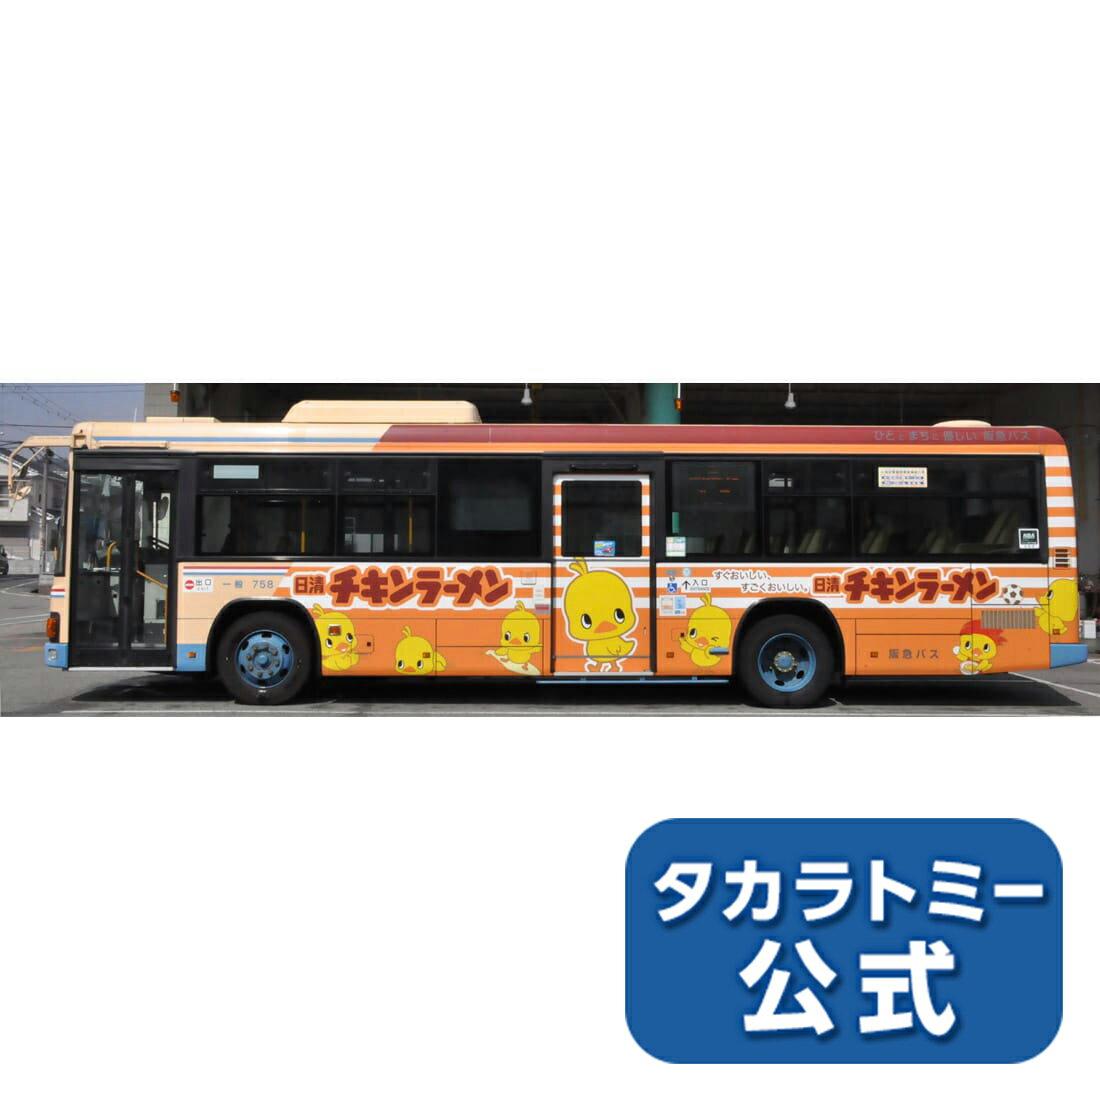 ザ・バスコレクション 阪急バス チキンラーメンひよこちゃんラッピングバス